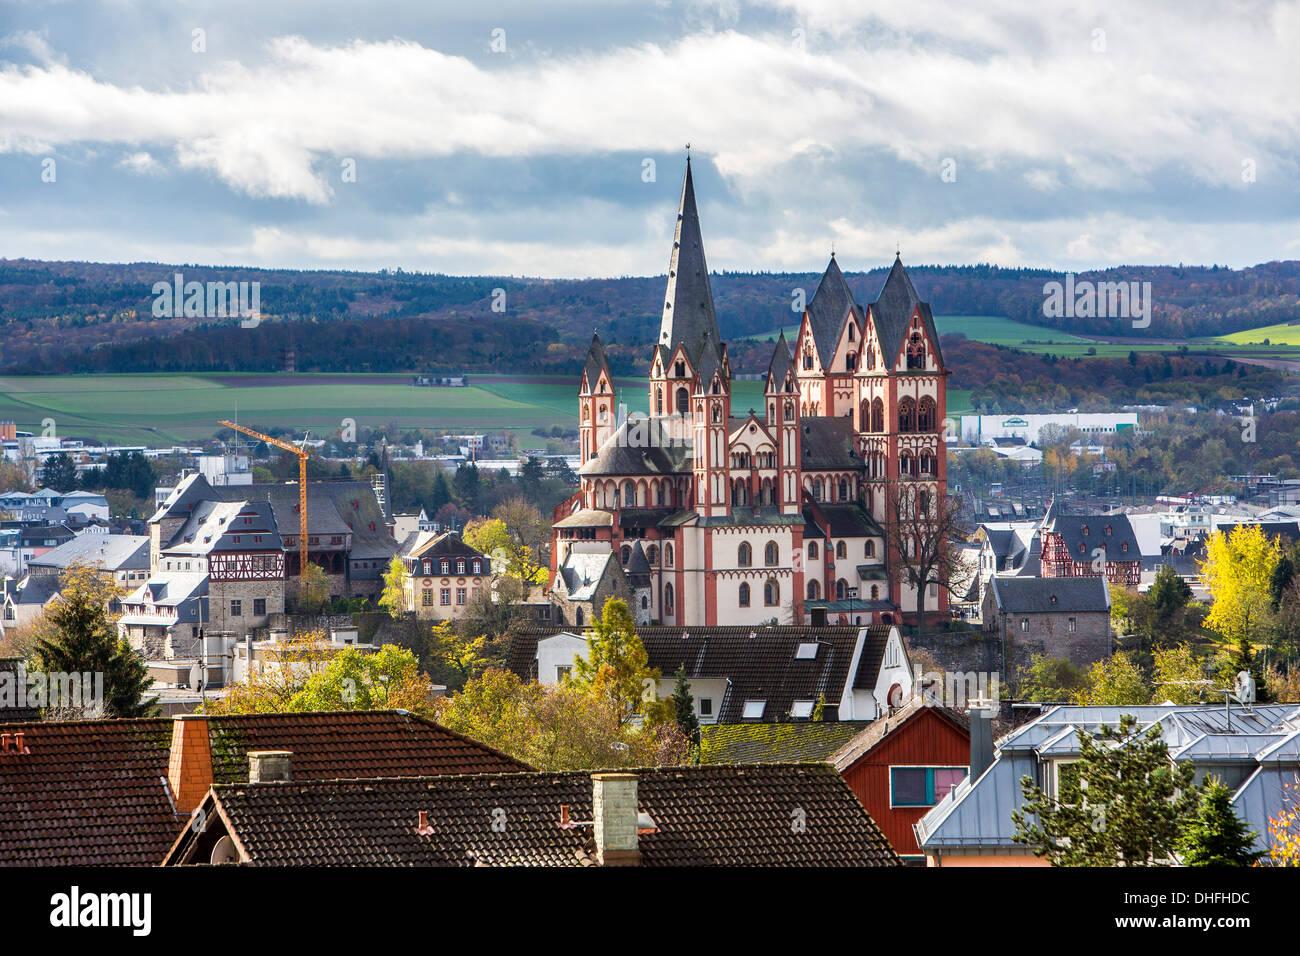 stadt limburg am fluss lahn kathedrale bischofsstadt hessen deutschland stockfoto bild. Black Bedroom Furniture Sets. Home Design Ideas